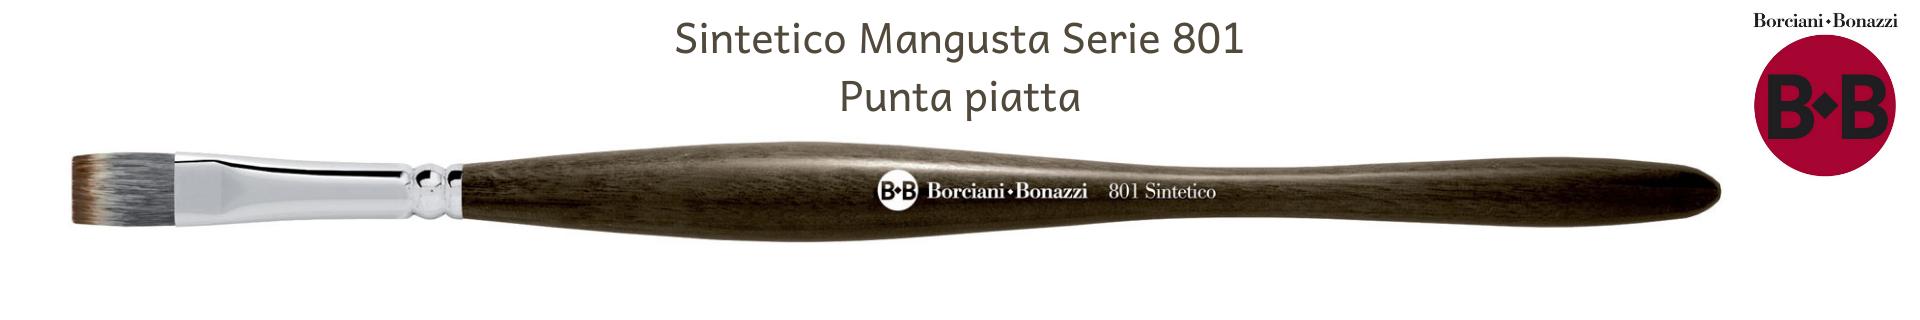 Borciani e Bonazzi UNICO Mangusta 801 Piatti